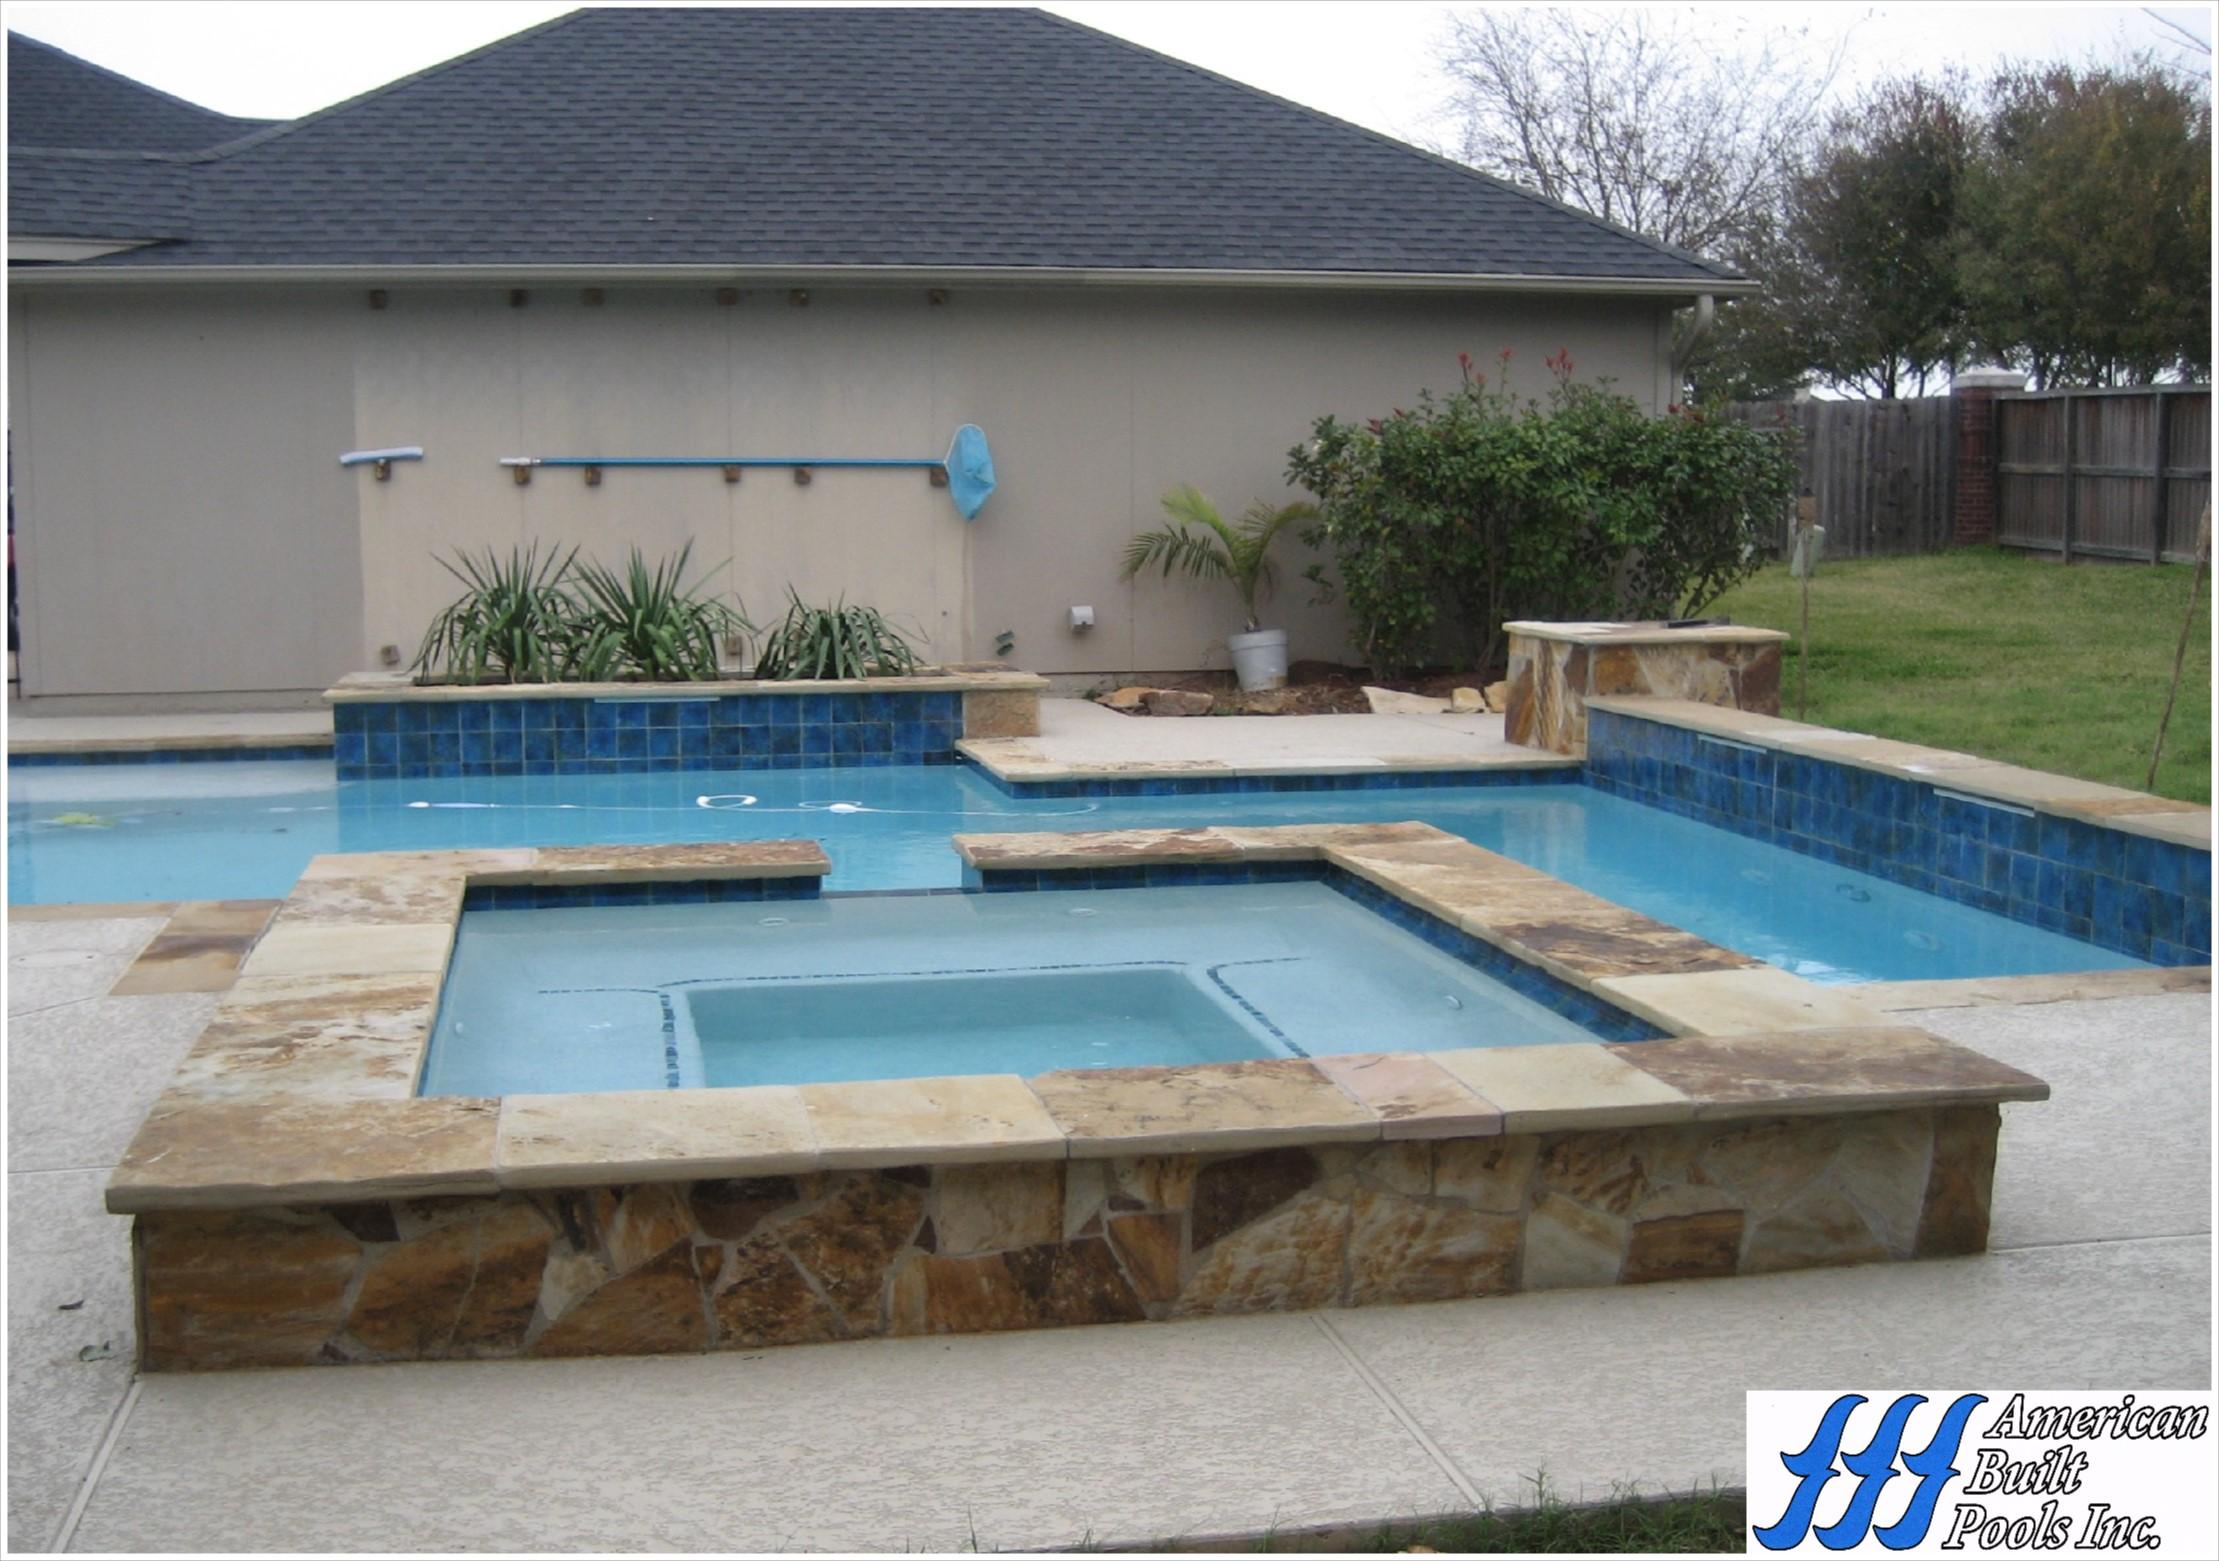 spas u2013 american built pools